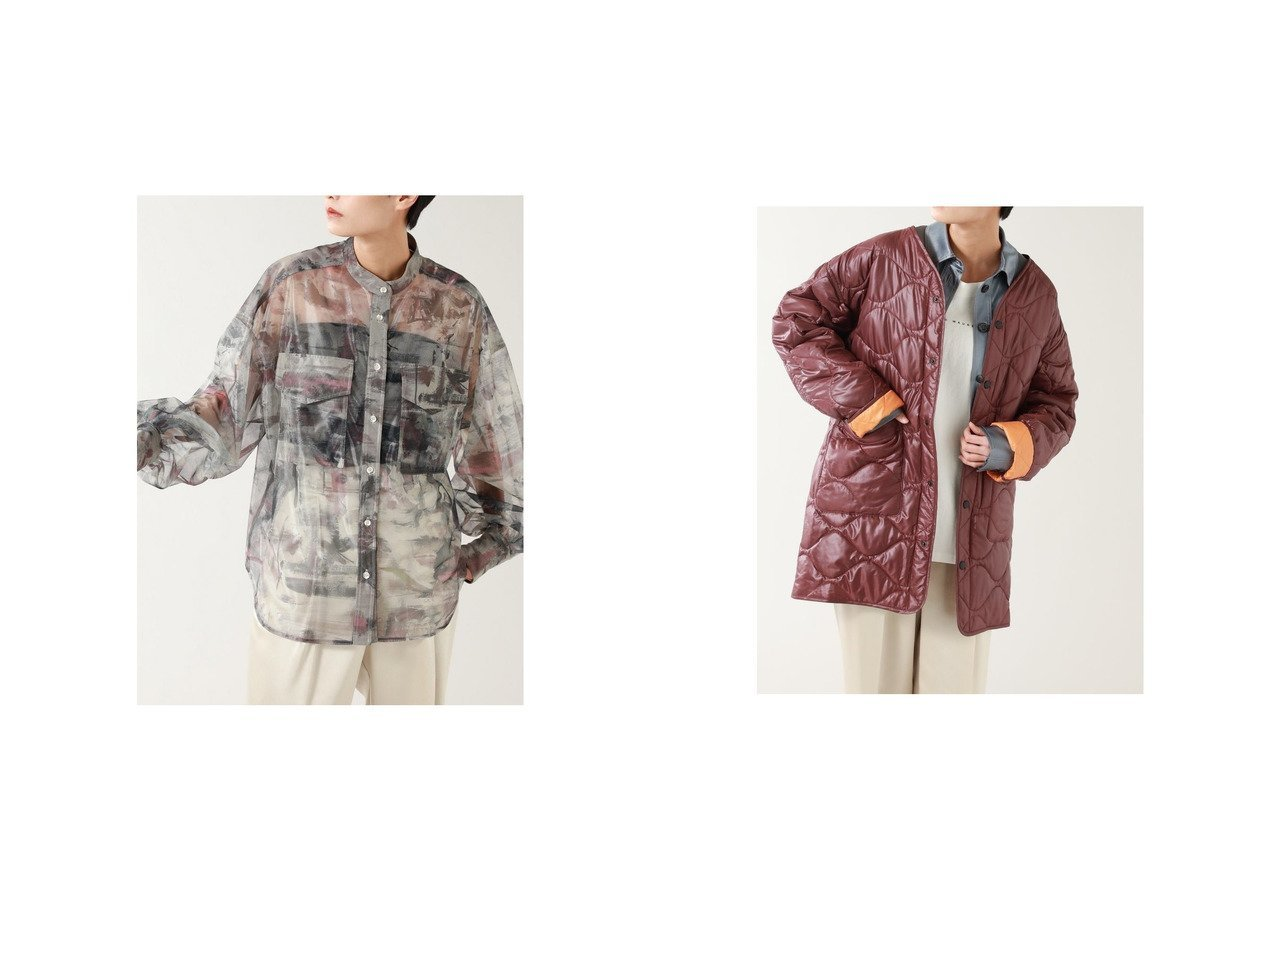 【ROSE BUD/ローズバッド】のアートプリントシアーシャツ&リバーシブルキルティングコート ROSE BUDのおすすめ!人気、トレンド・レディースファッションの通販 おすすめで人気の流行・トレンド、ファッションの通販商品 メンズファッション・キッズファッション・インテリア・家具・レディースファッション・服の通販 founy(ファニー) https://founy.com/ ファッション Fashion レディースファッション WOMEN トップス Tops Tshirt シャツ/ブラウス Shirts Blouses アウター Coat Outerwear コート Coats 春 Spring ガーリー 軽量 シアー スタンダード スタンド スリーブ ダブル 人気 プリント ポケット 2021年 2021 S/S 春夏 SS Spring/Summer 2021 春夏 S/S SS Spring/Summer 2021 |ID:crp329100000018482